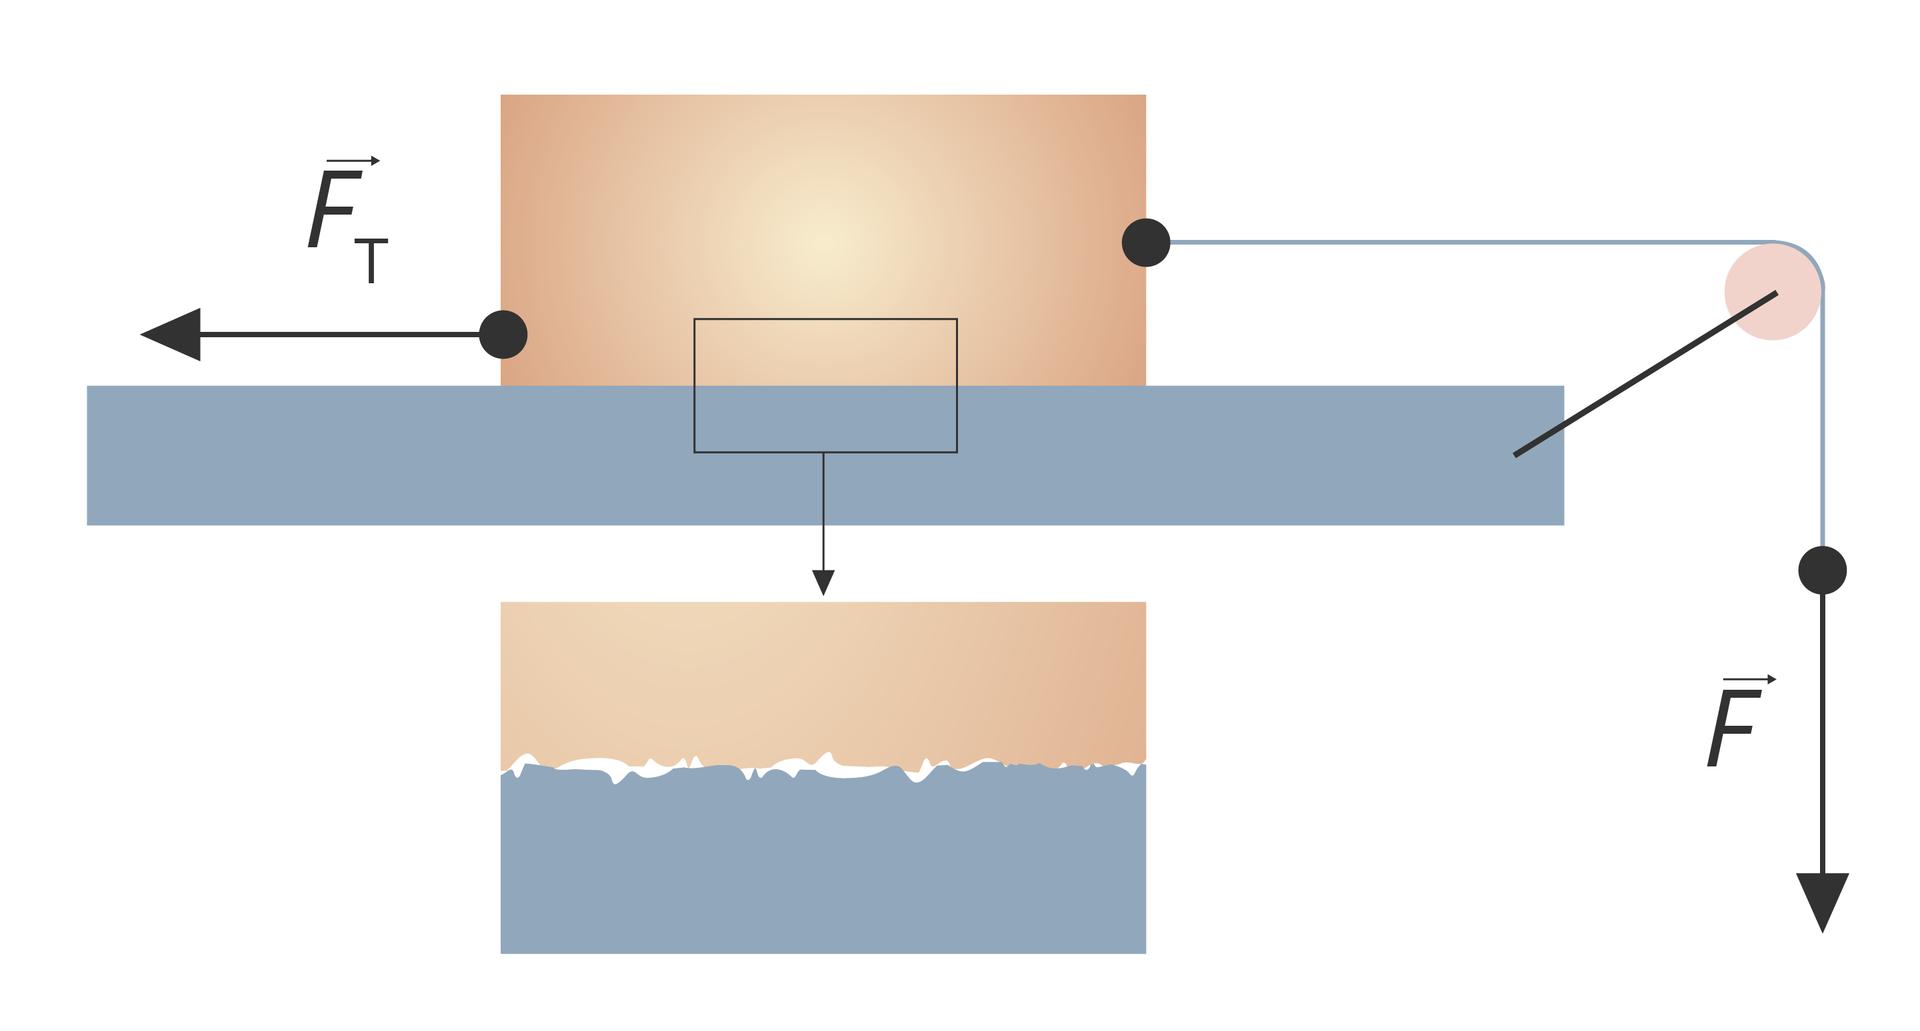 Schemat przedstawiający klocek przesuwany po powierzchni, poniżej wpowiększeniu dwie chropowate powierzchnie stykających się materiałów.